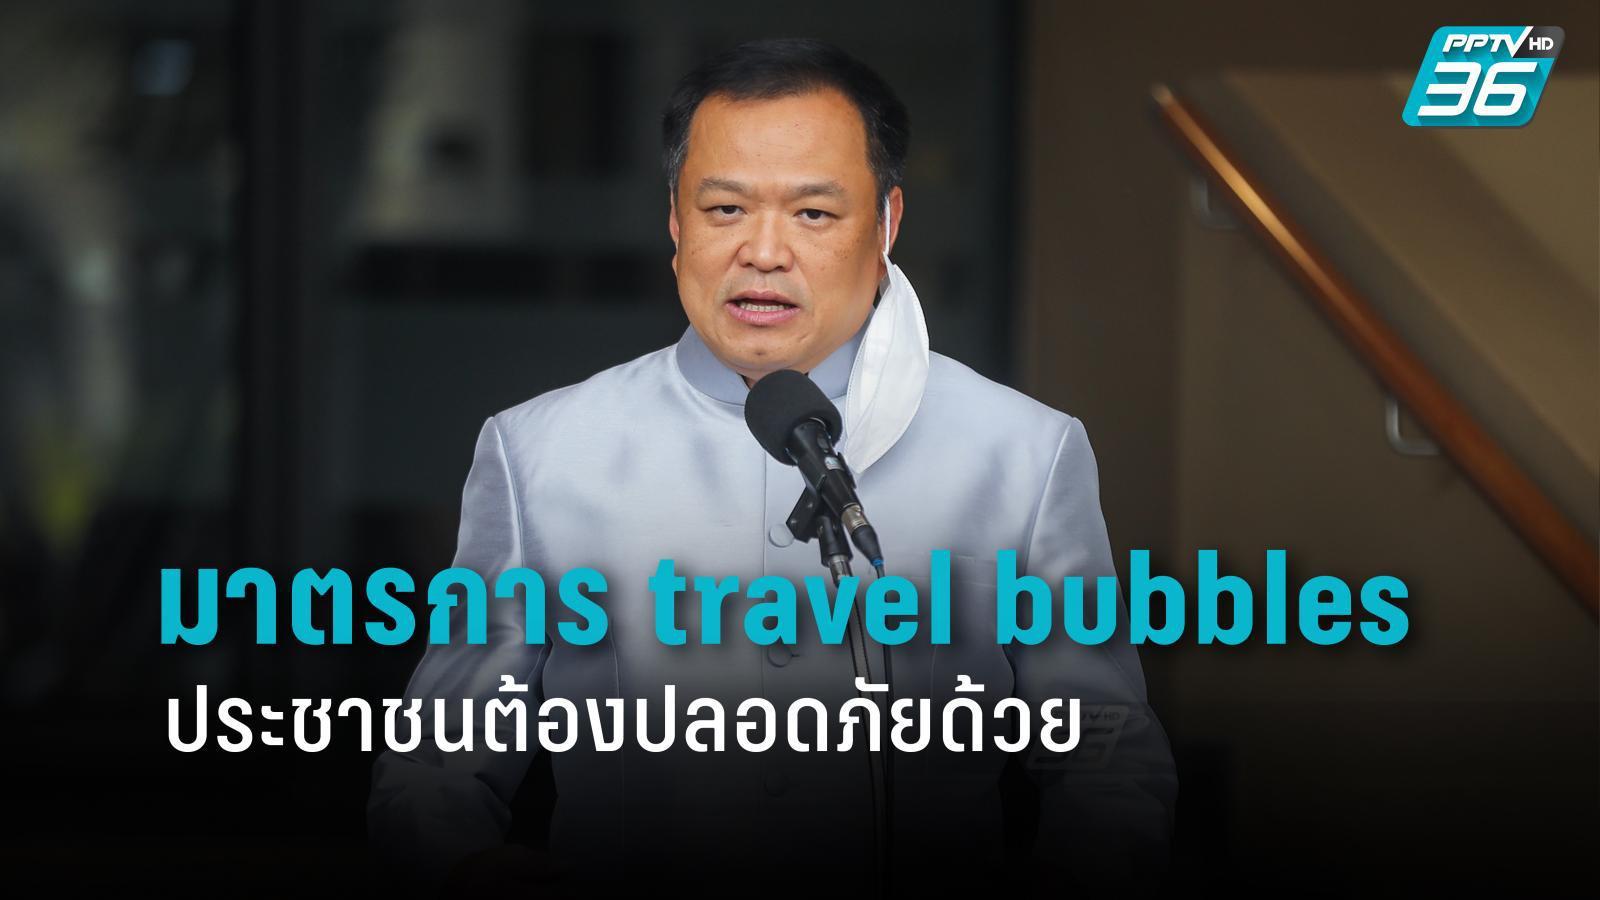 """""""อนุทิน"""" ยังไม่บรรจุ travel bubbles เข้าครม."""